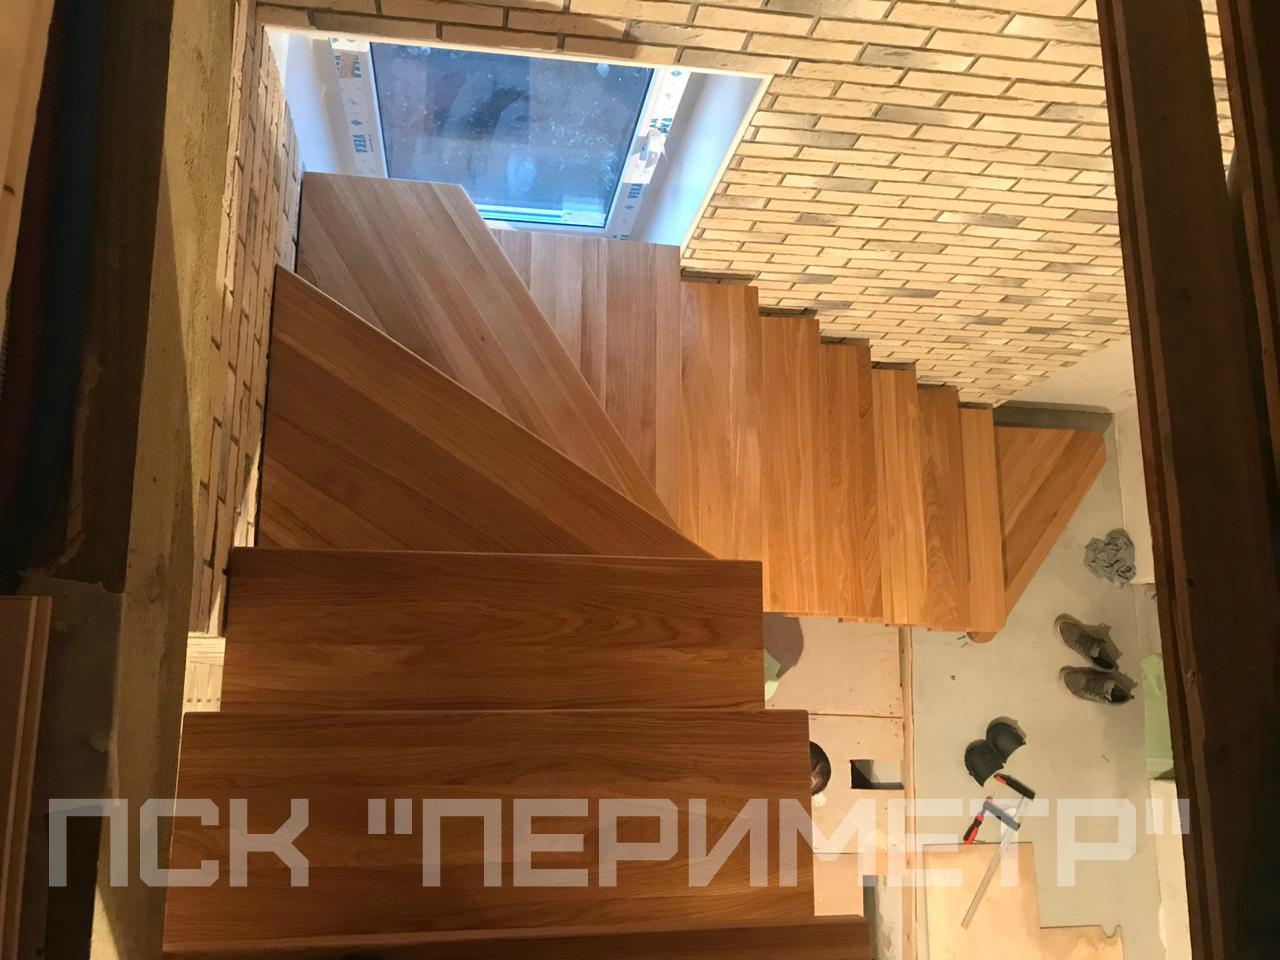 лестница на монокосоуре вид сверху